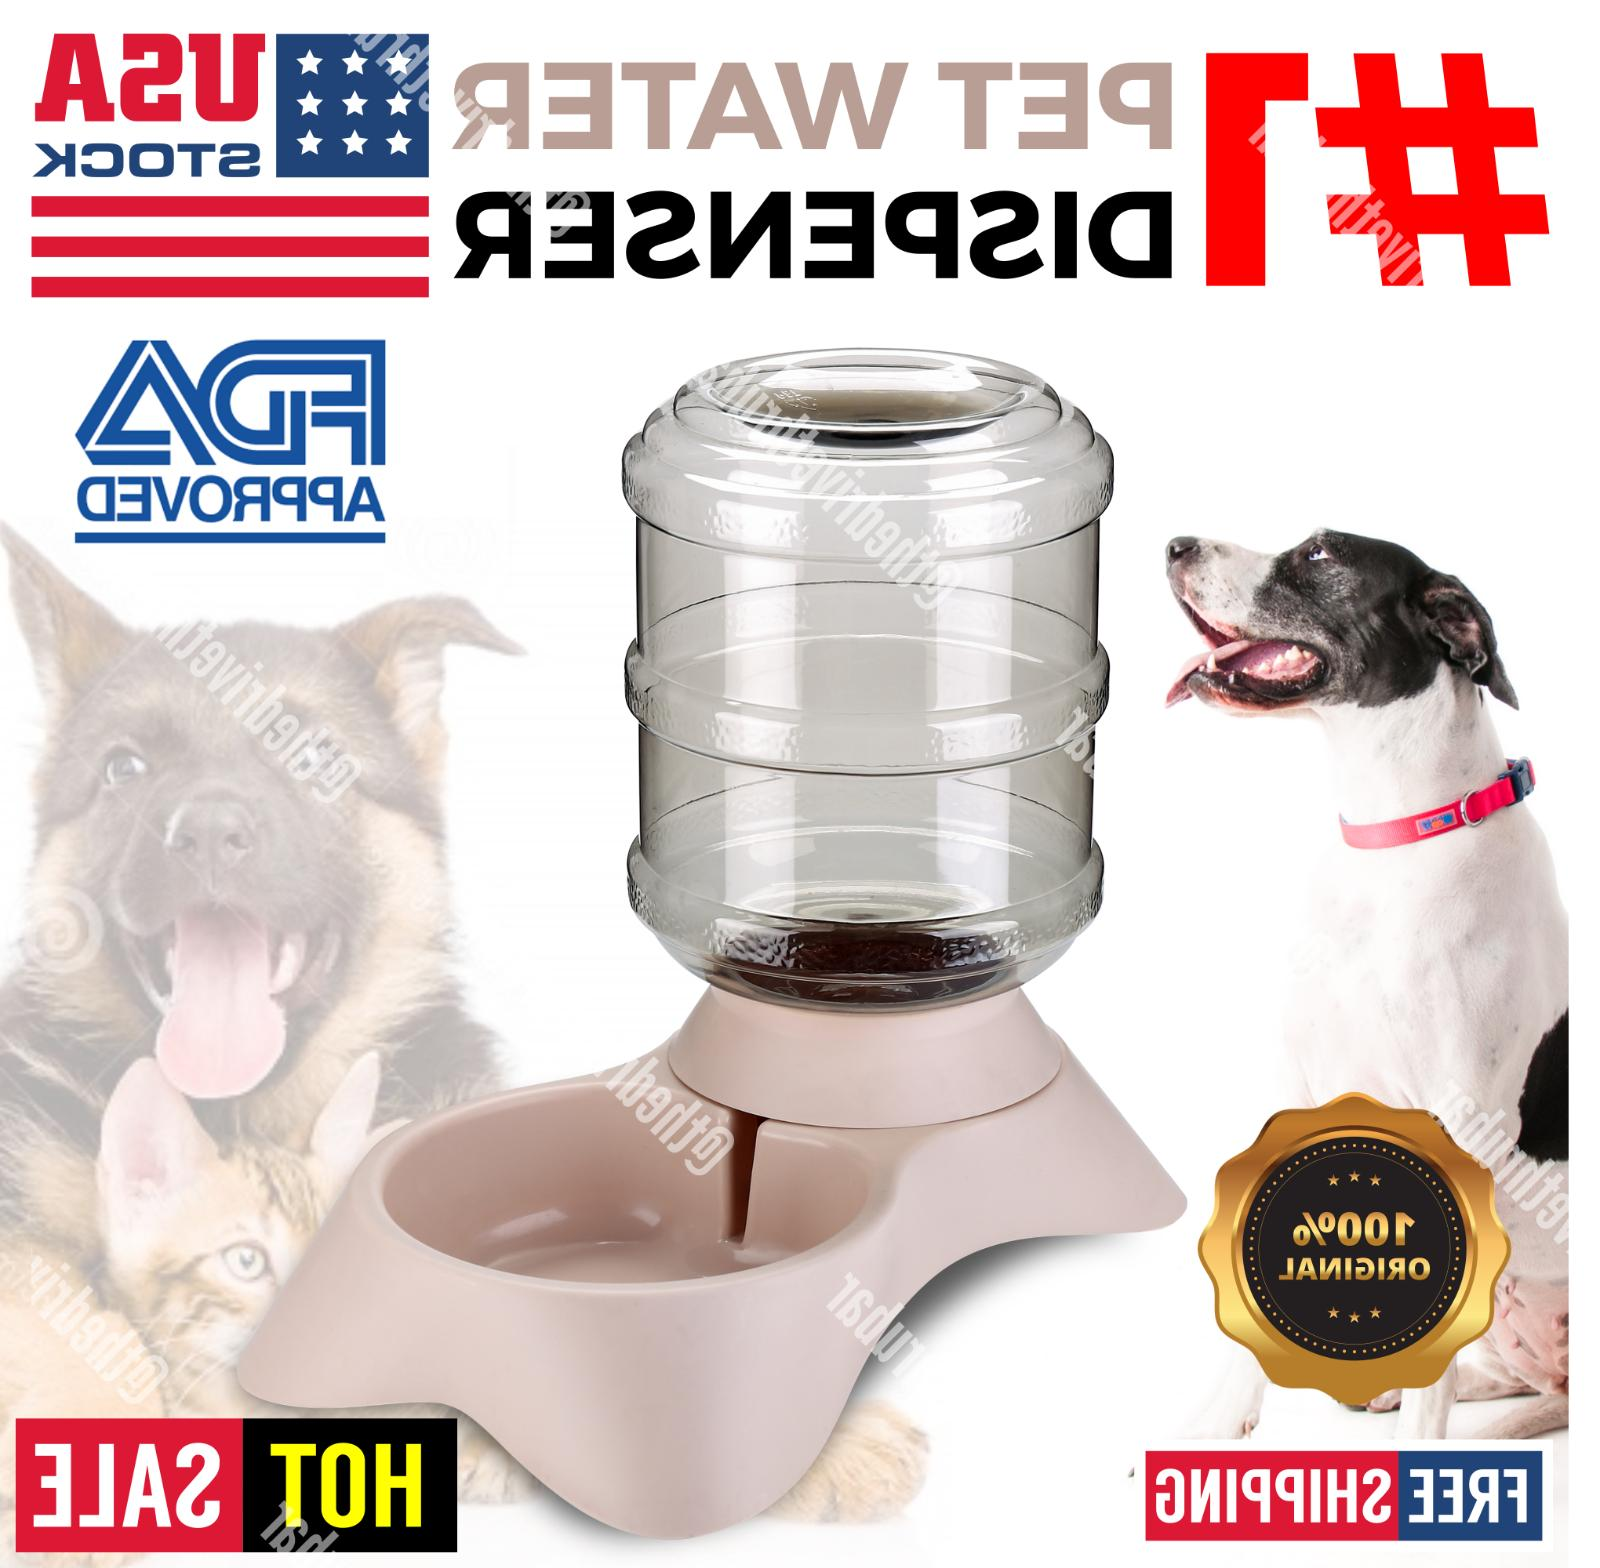 AUTOMATIC PET Feeder Puppy Feeding